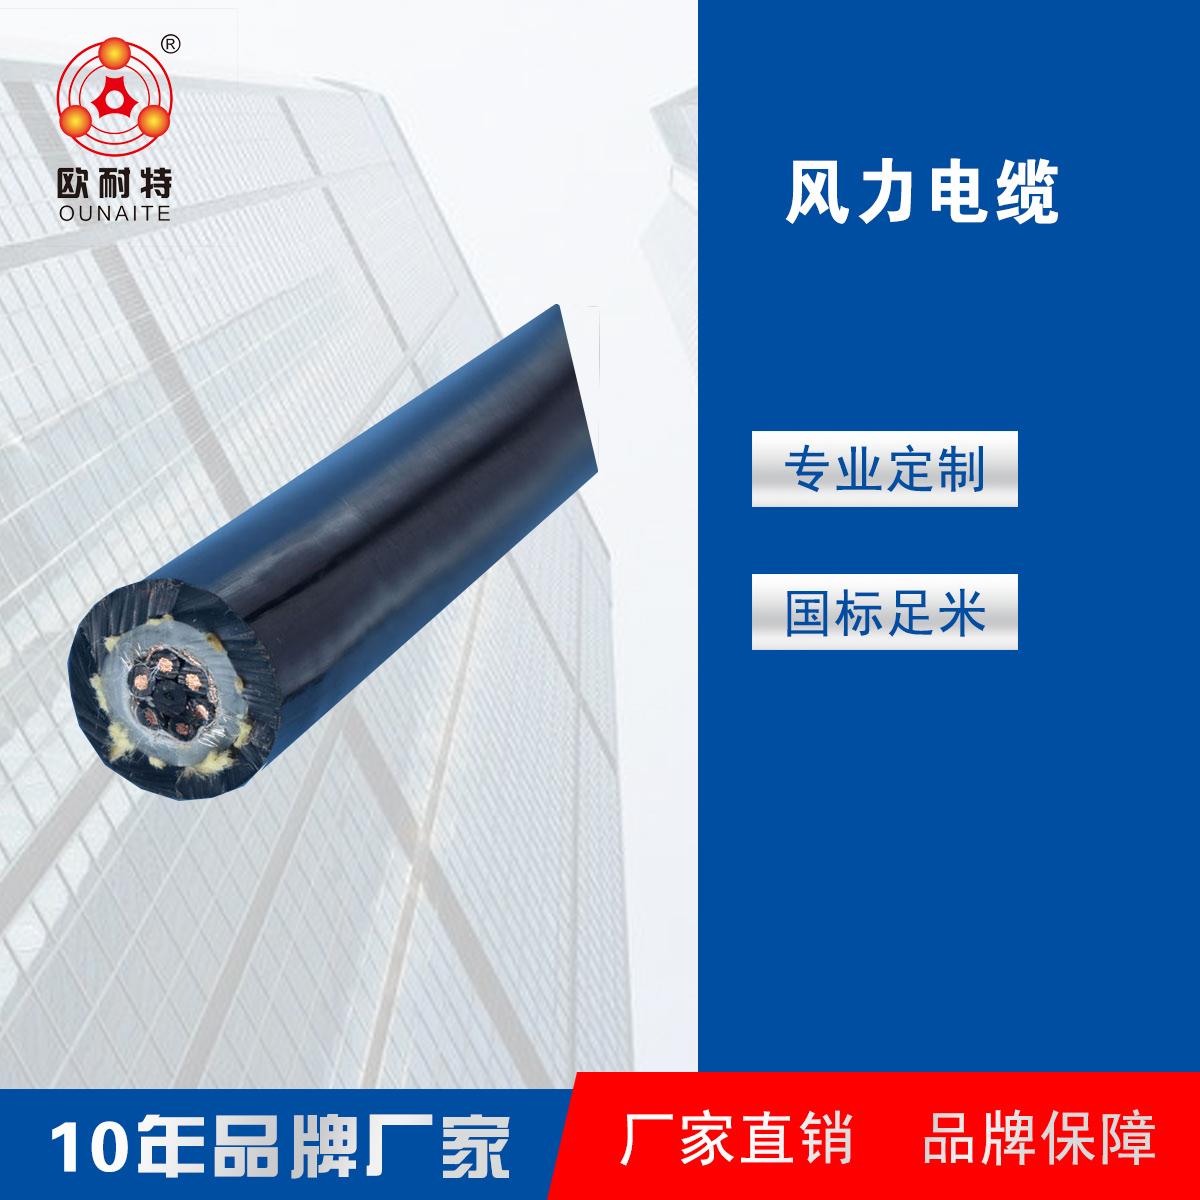 高强度抗拉抗扭定制风能电缆